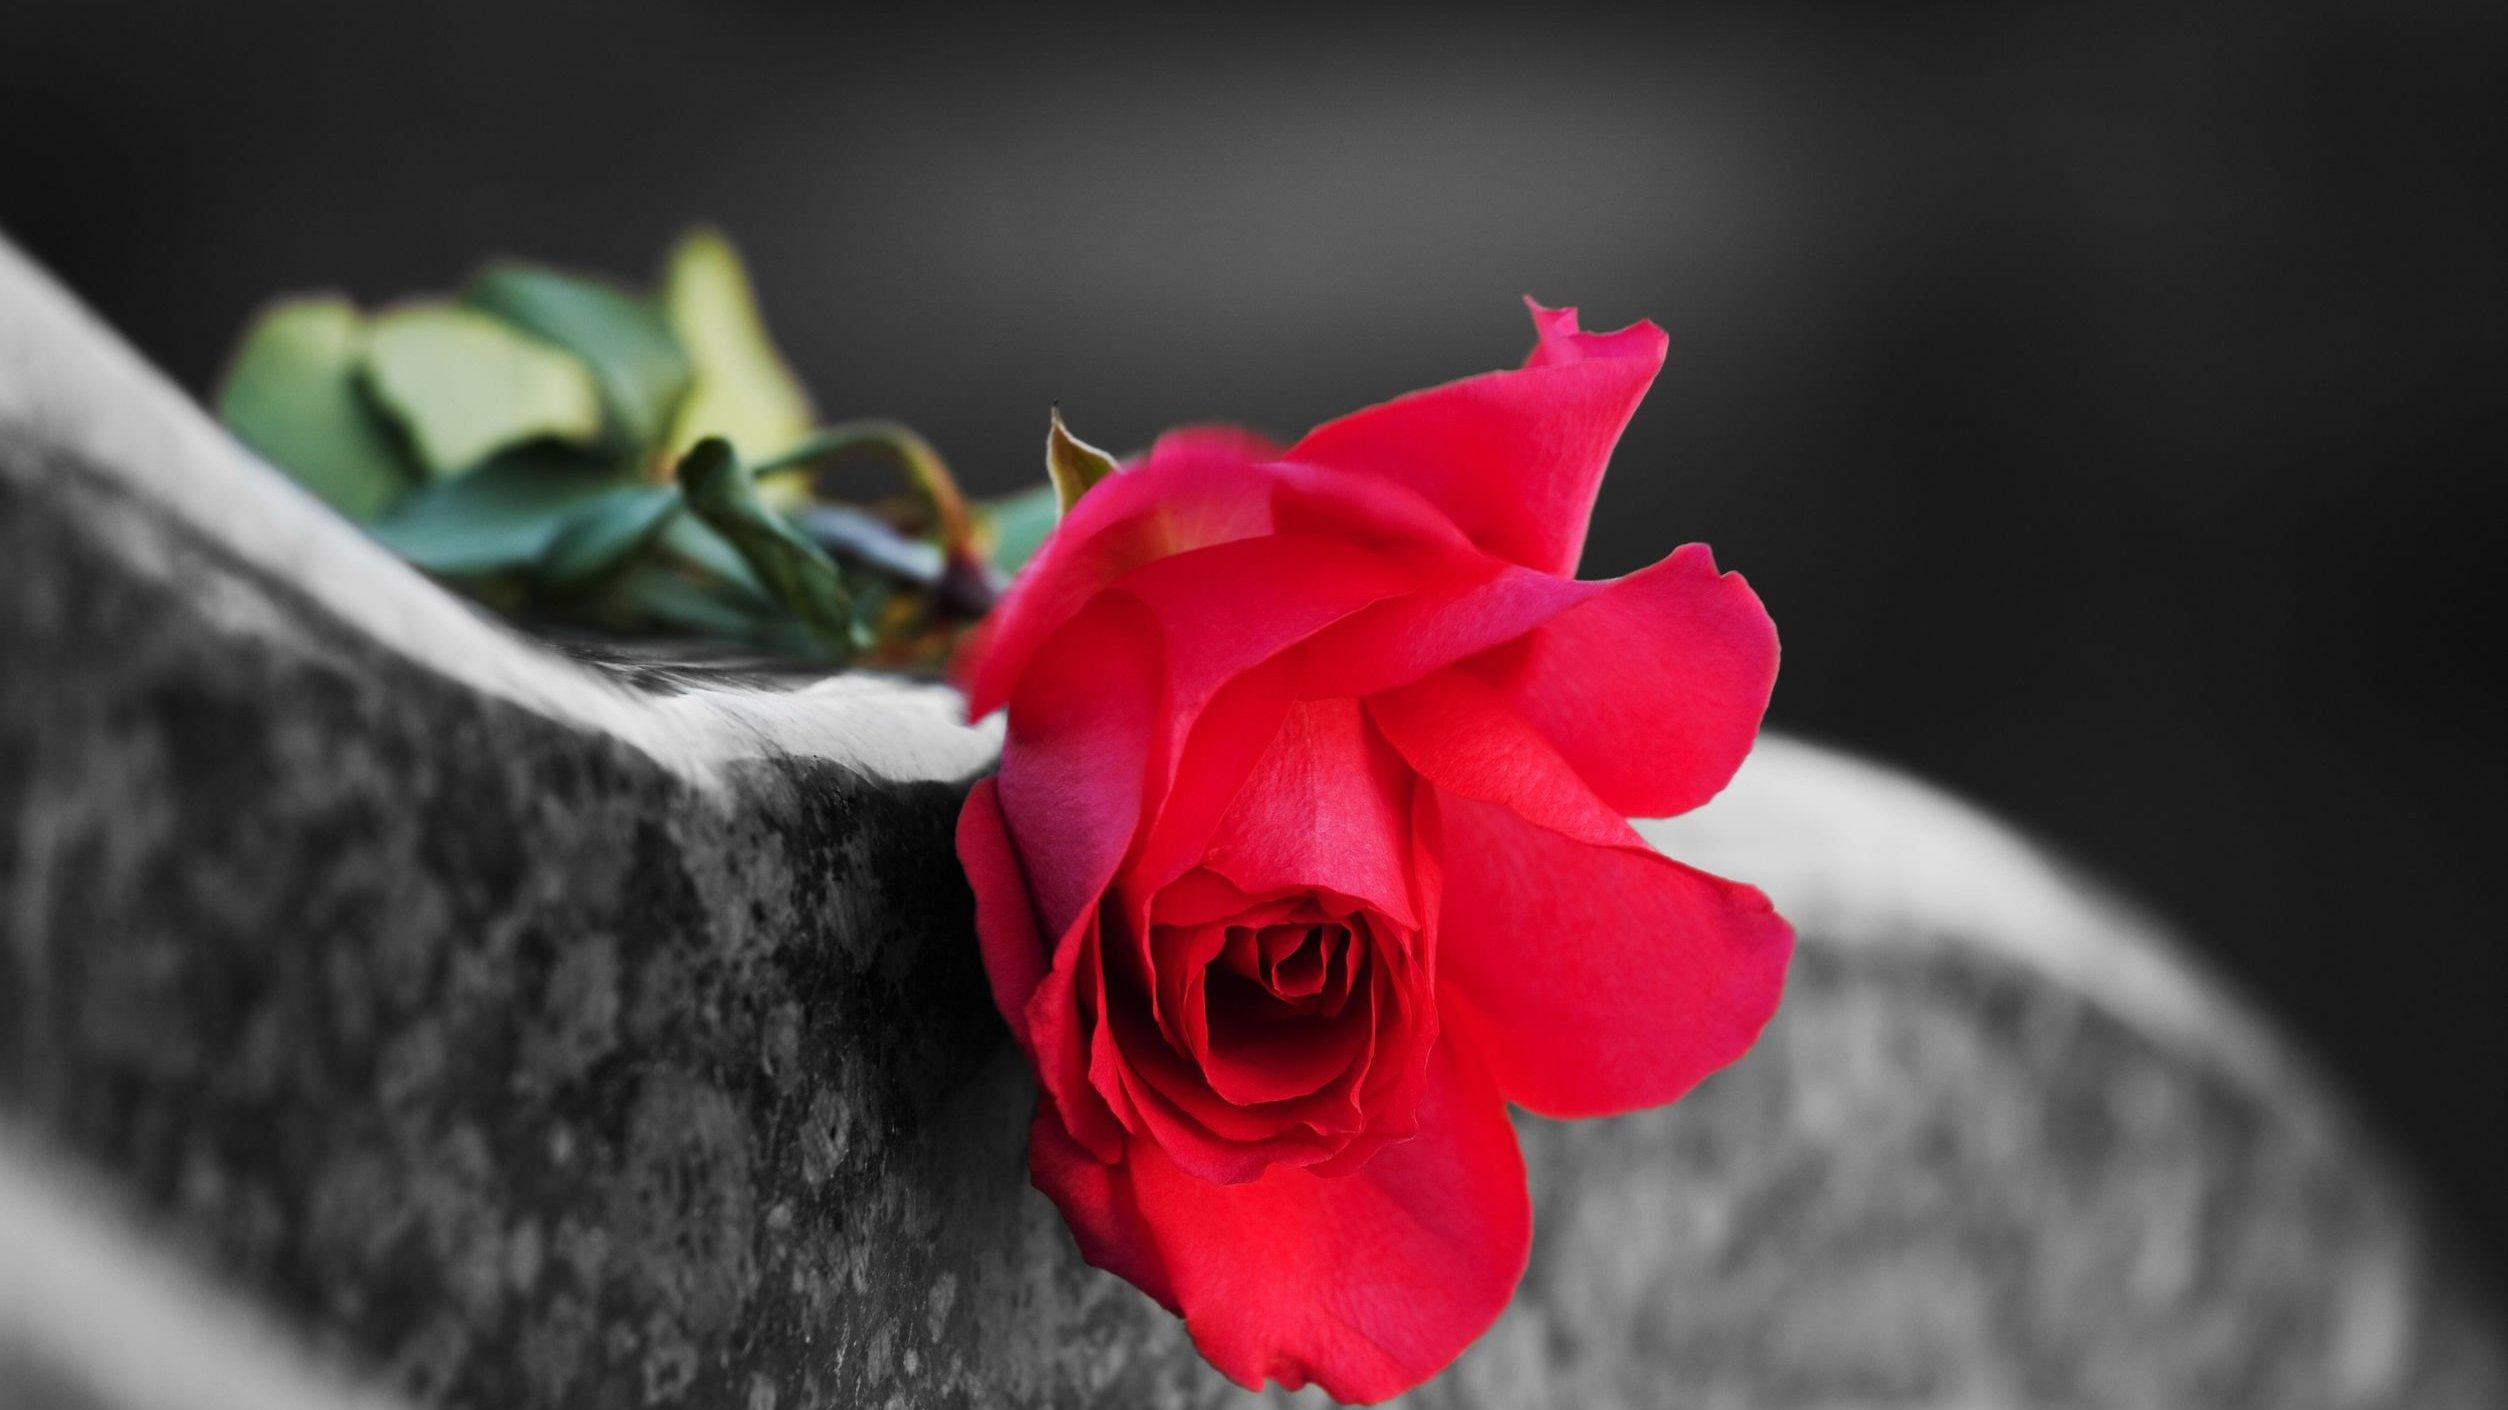 Rosa vermelha sobre lápide